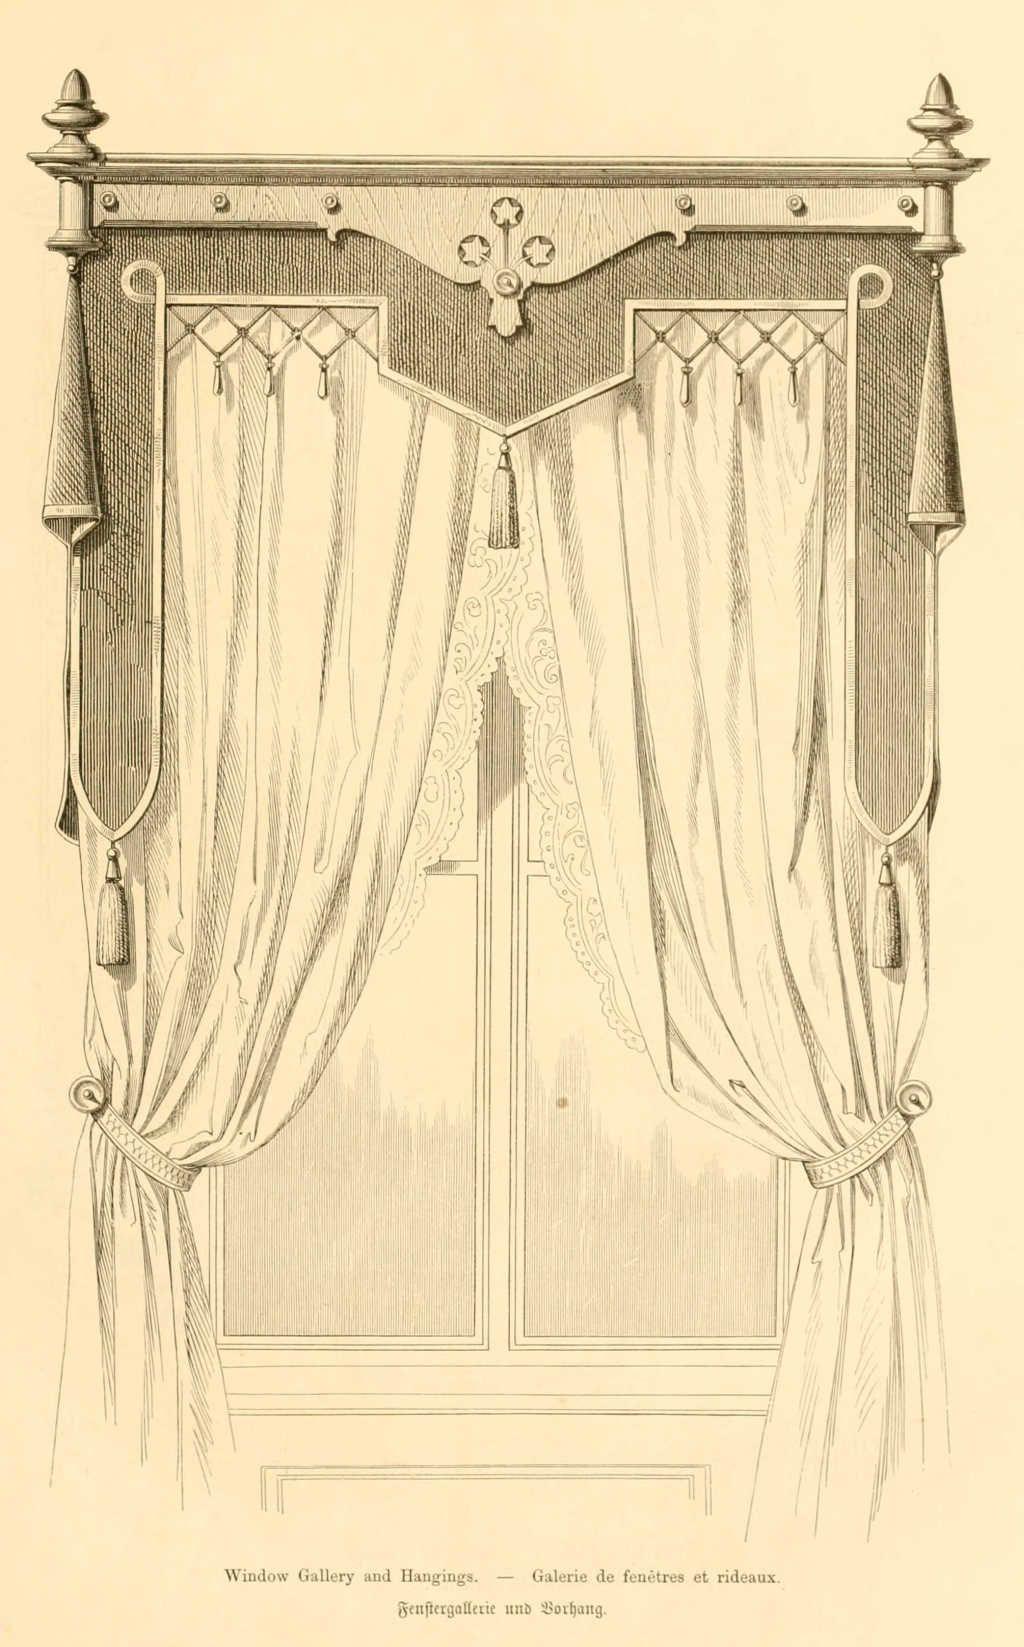 Img dessins meubles mobilier galerie de fenetre et rideaux for Rideaux fenetre 3 vantaux